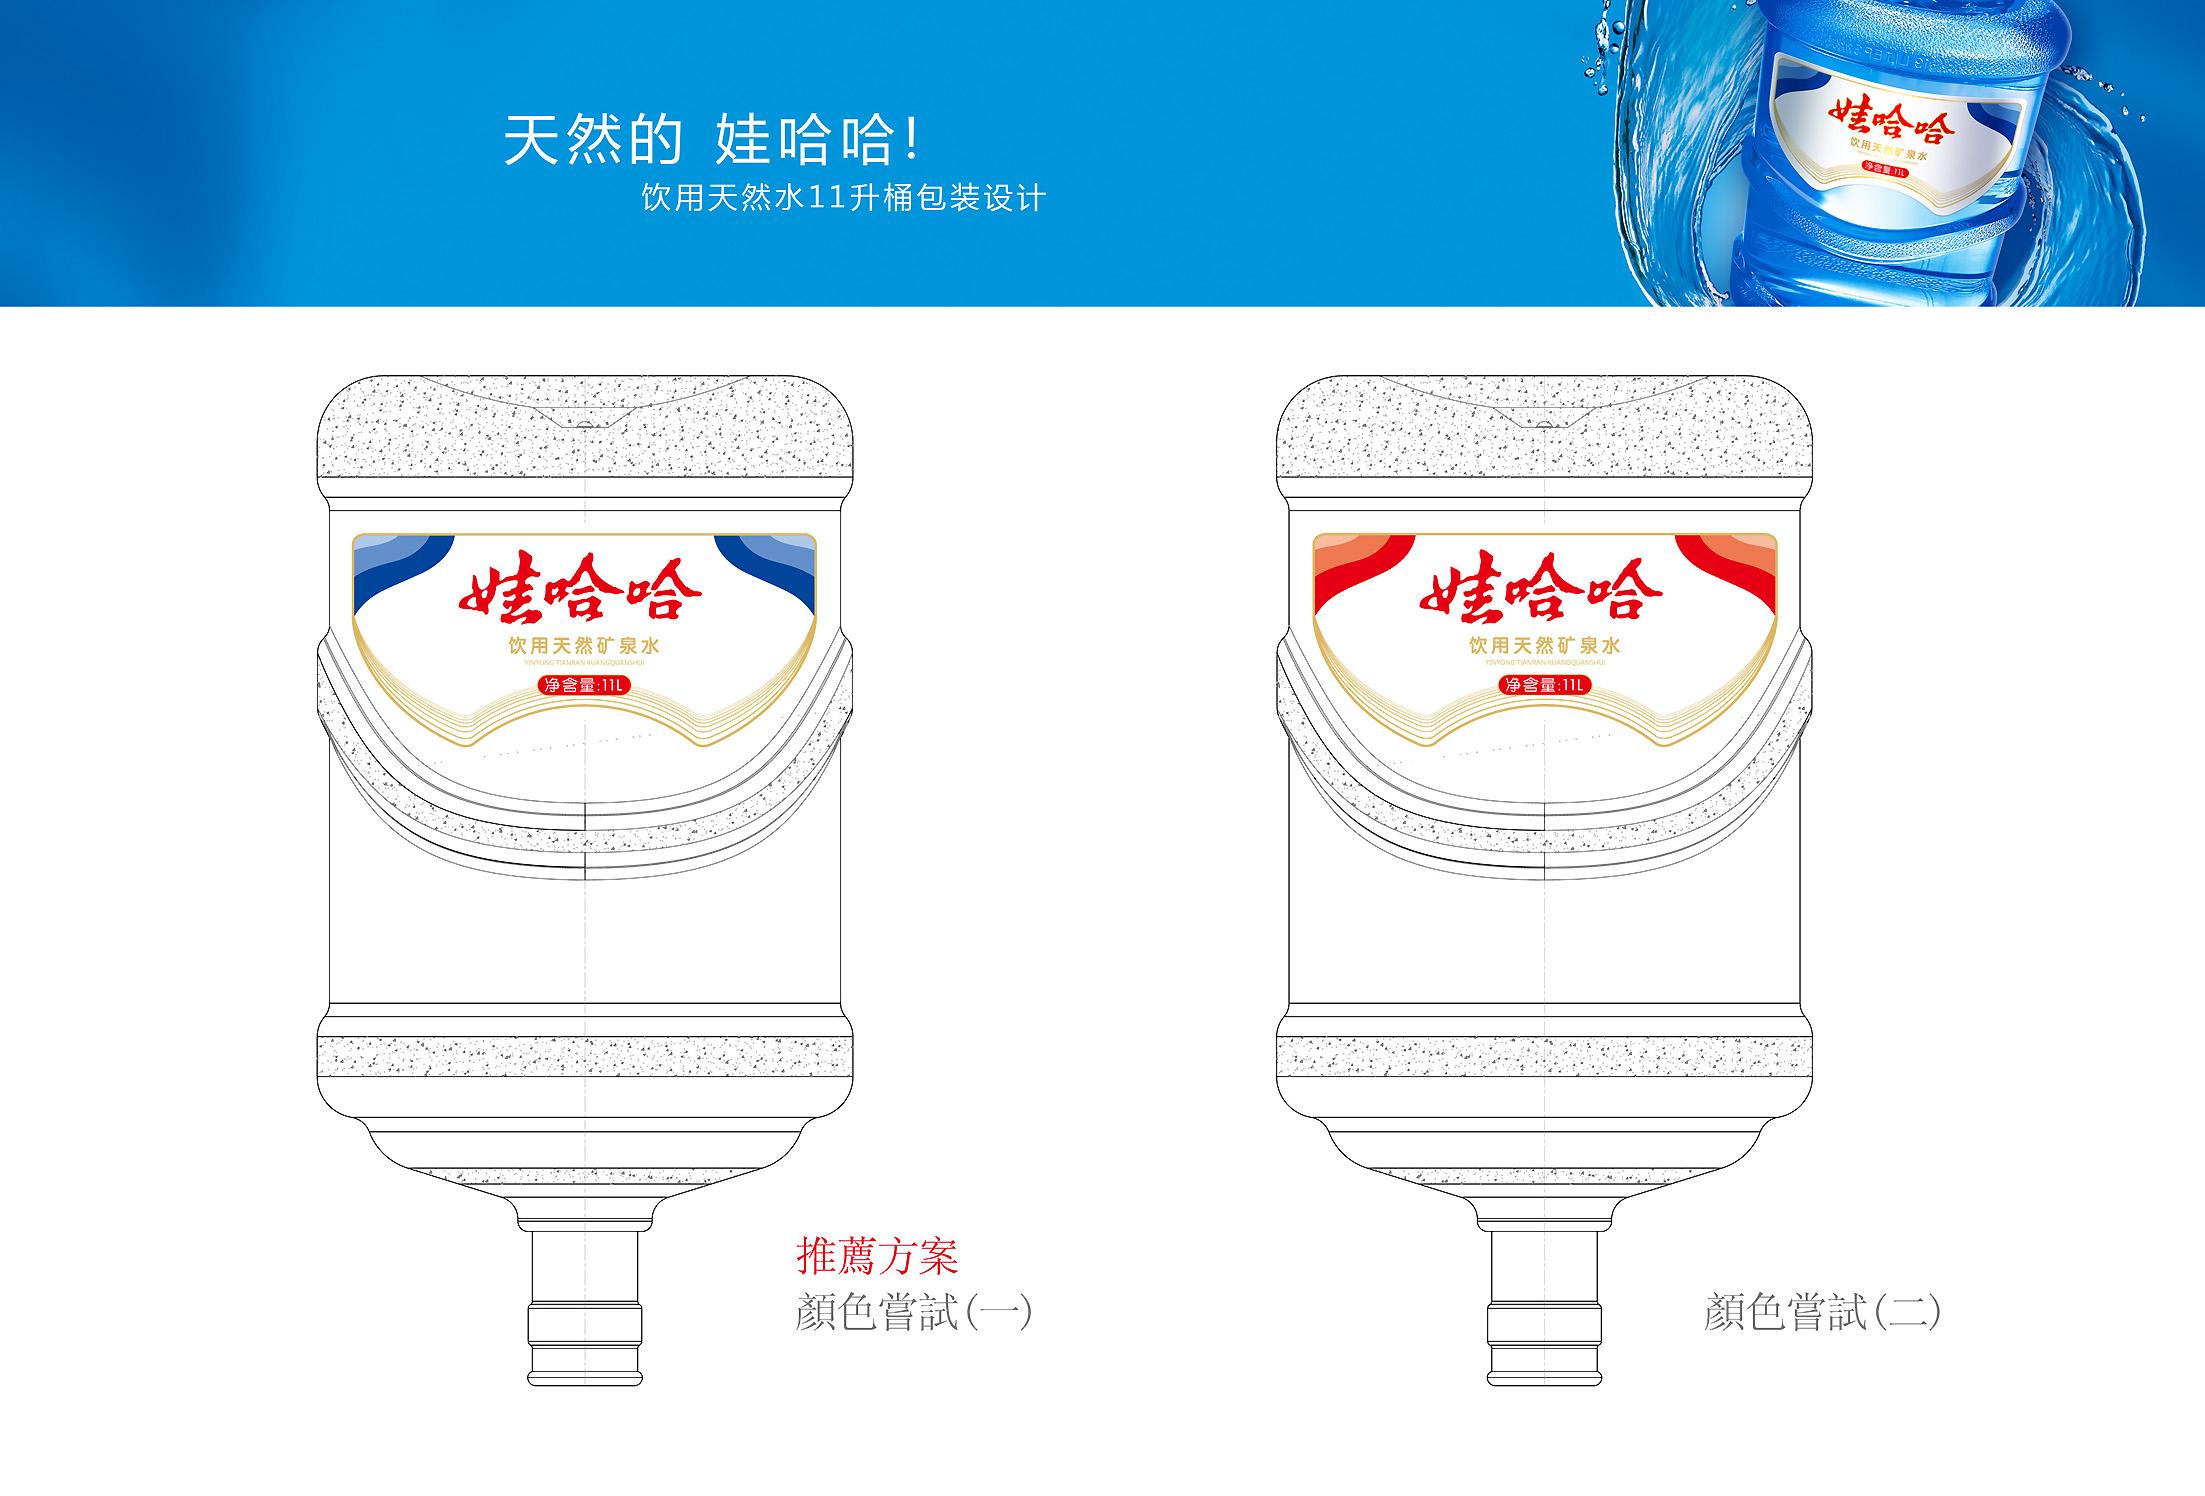 特创易-娃哈哈桶装水包装设计